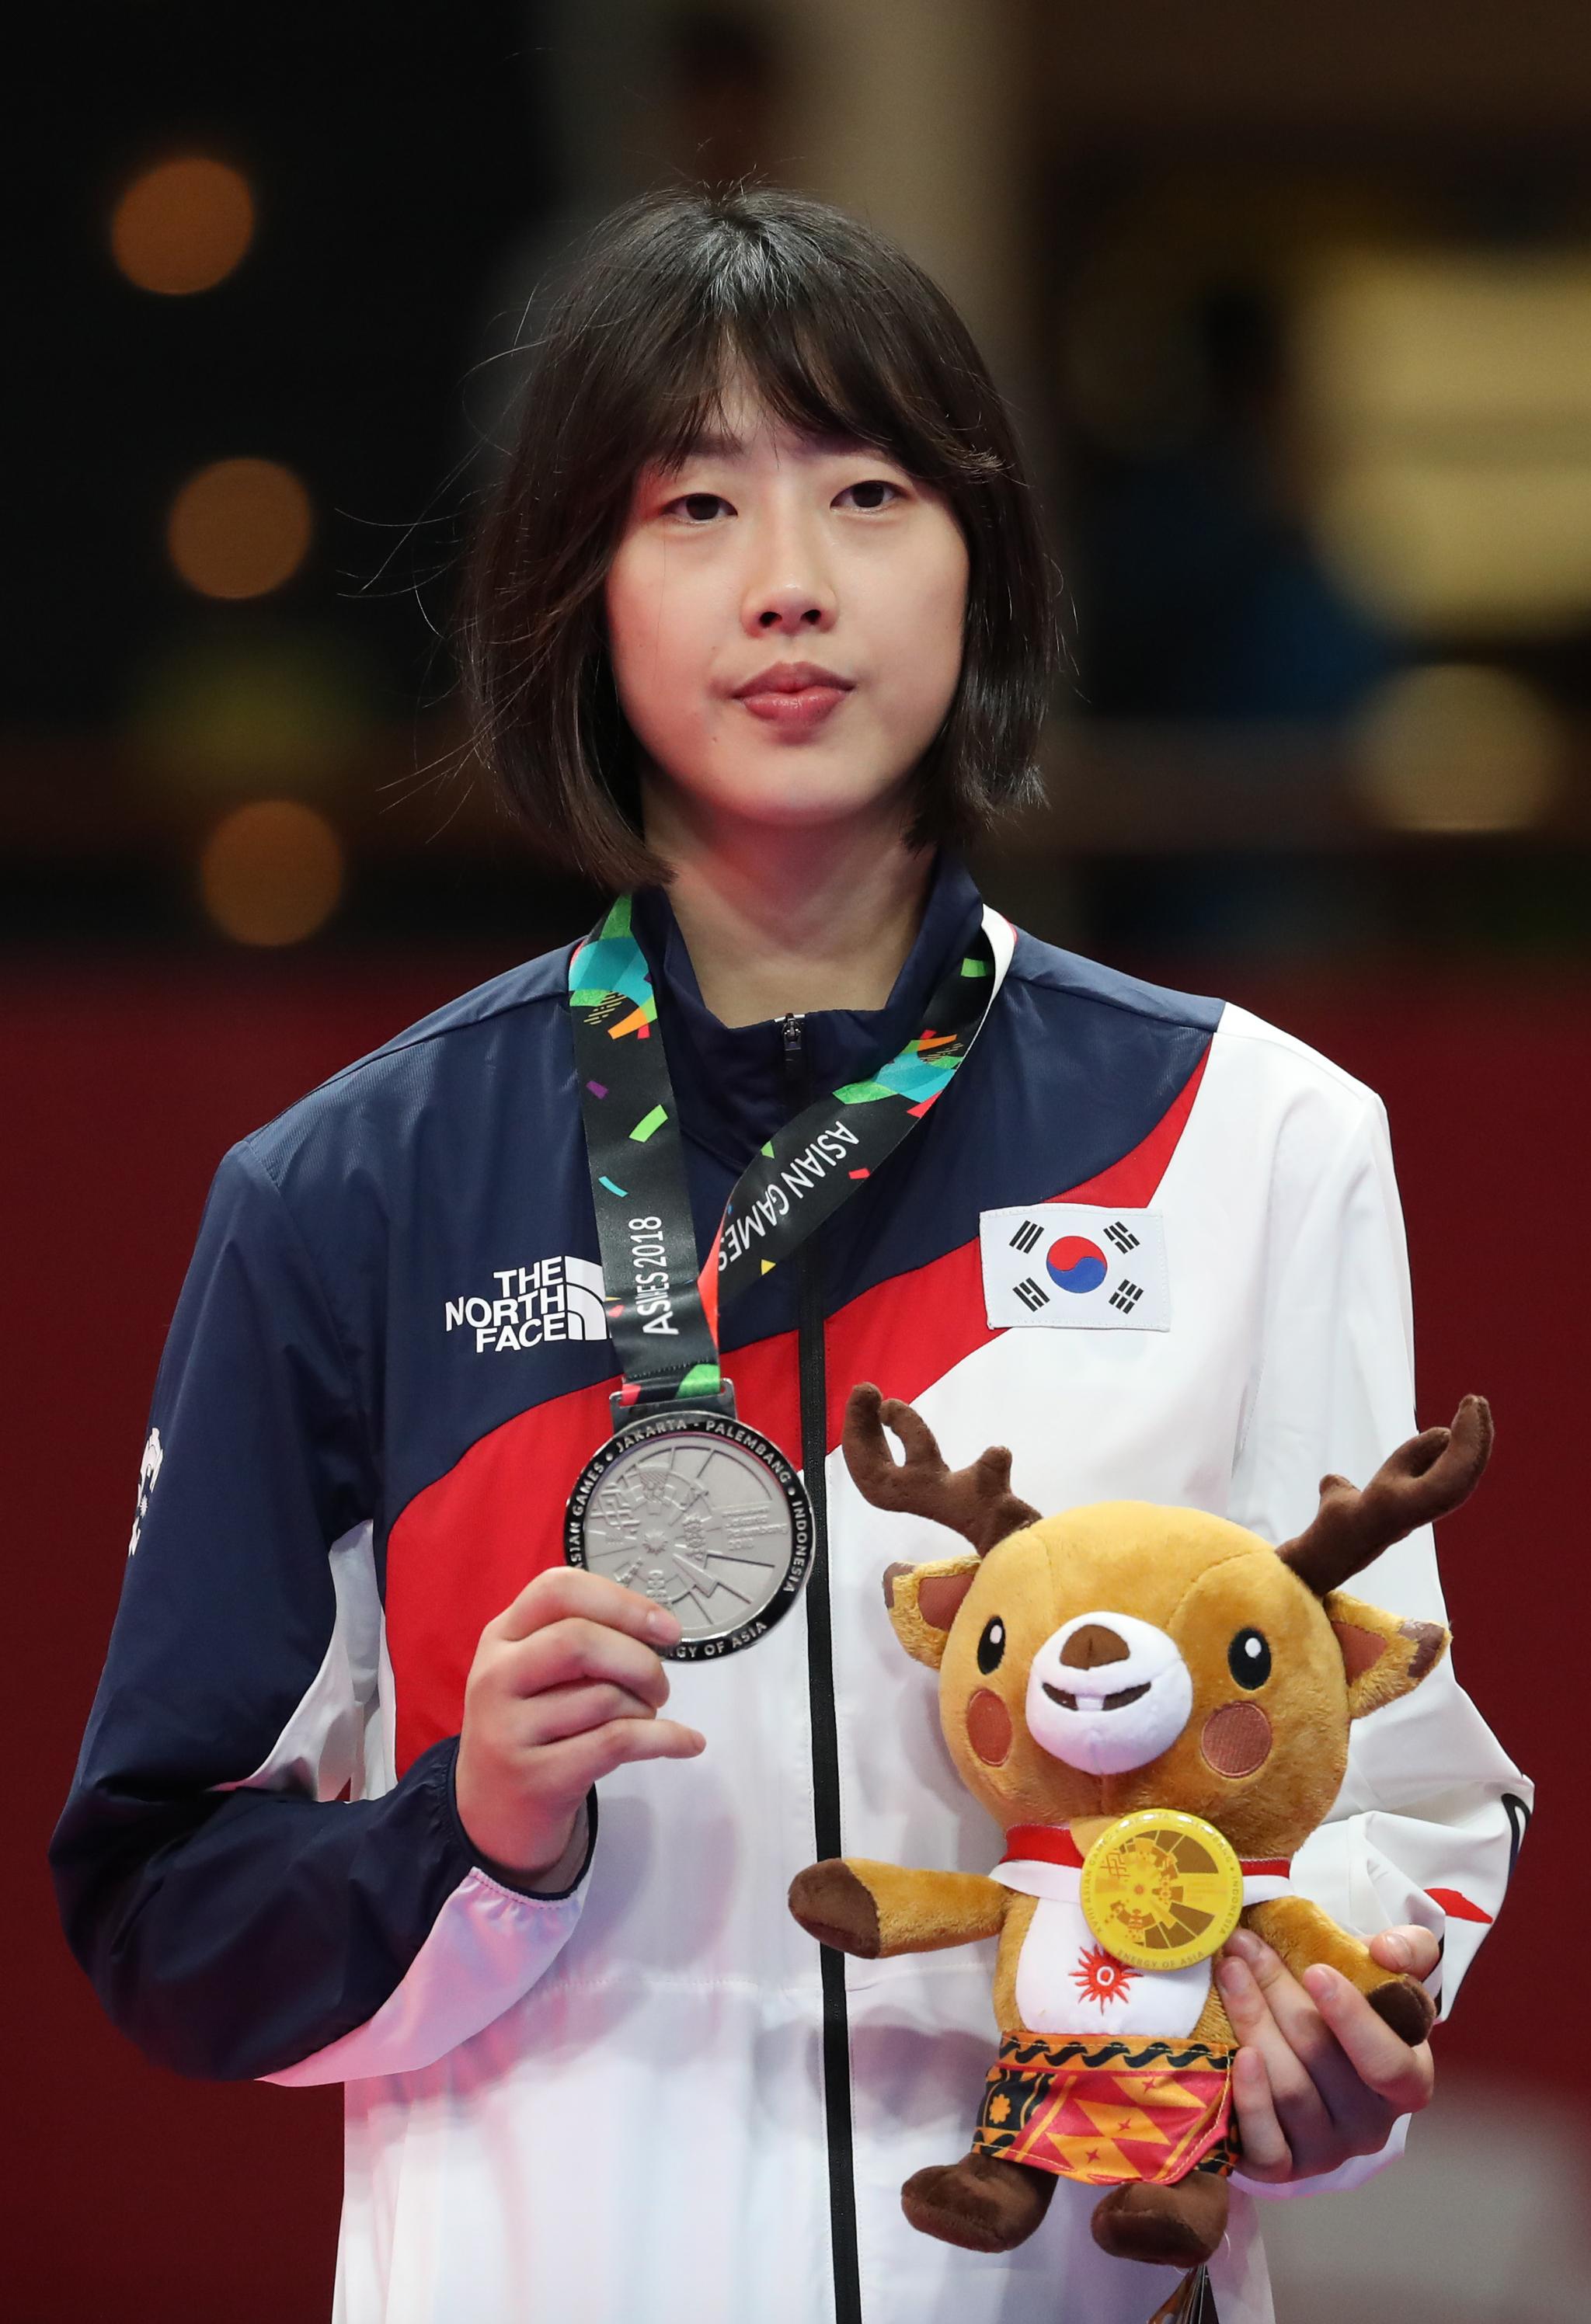 지난달 21일 오후(현지시간) 인도네시아 자카르타 컨벤션센터에서 열린 2018 자카르타-팔렘방 아시안게임 태권도 겨루기 여자 57㎏급 시상식에서 이아름이 은메달을 걸고 있다. [연합뉴스]